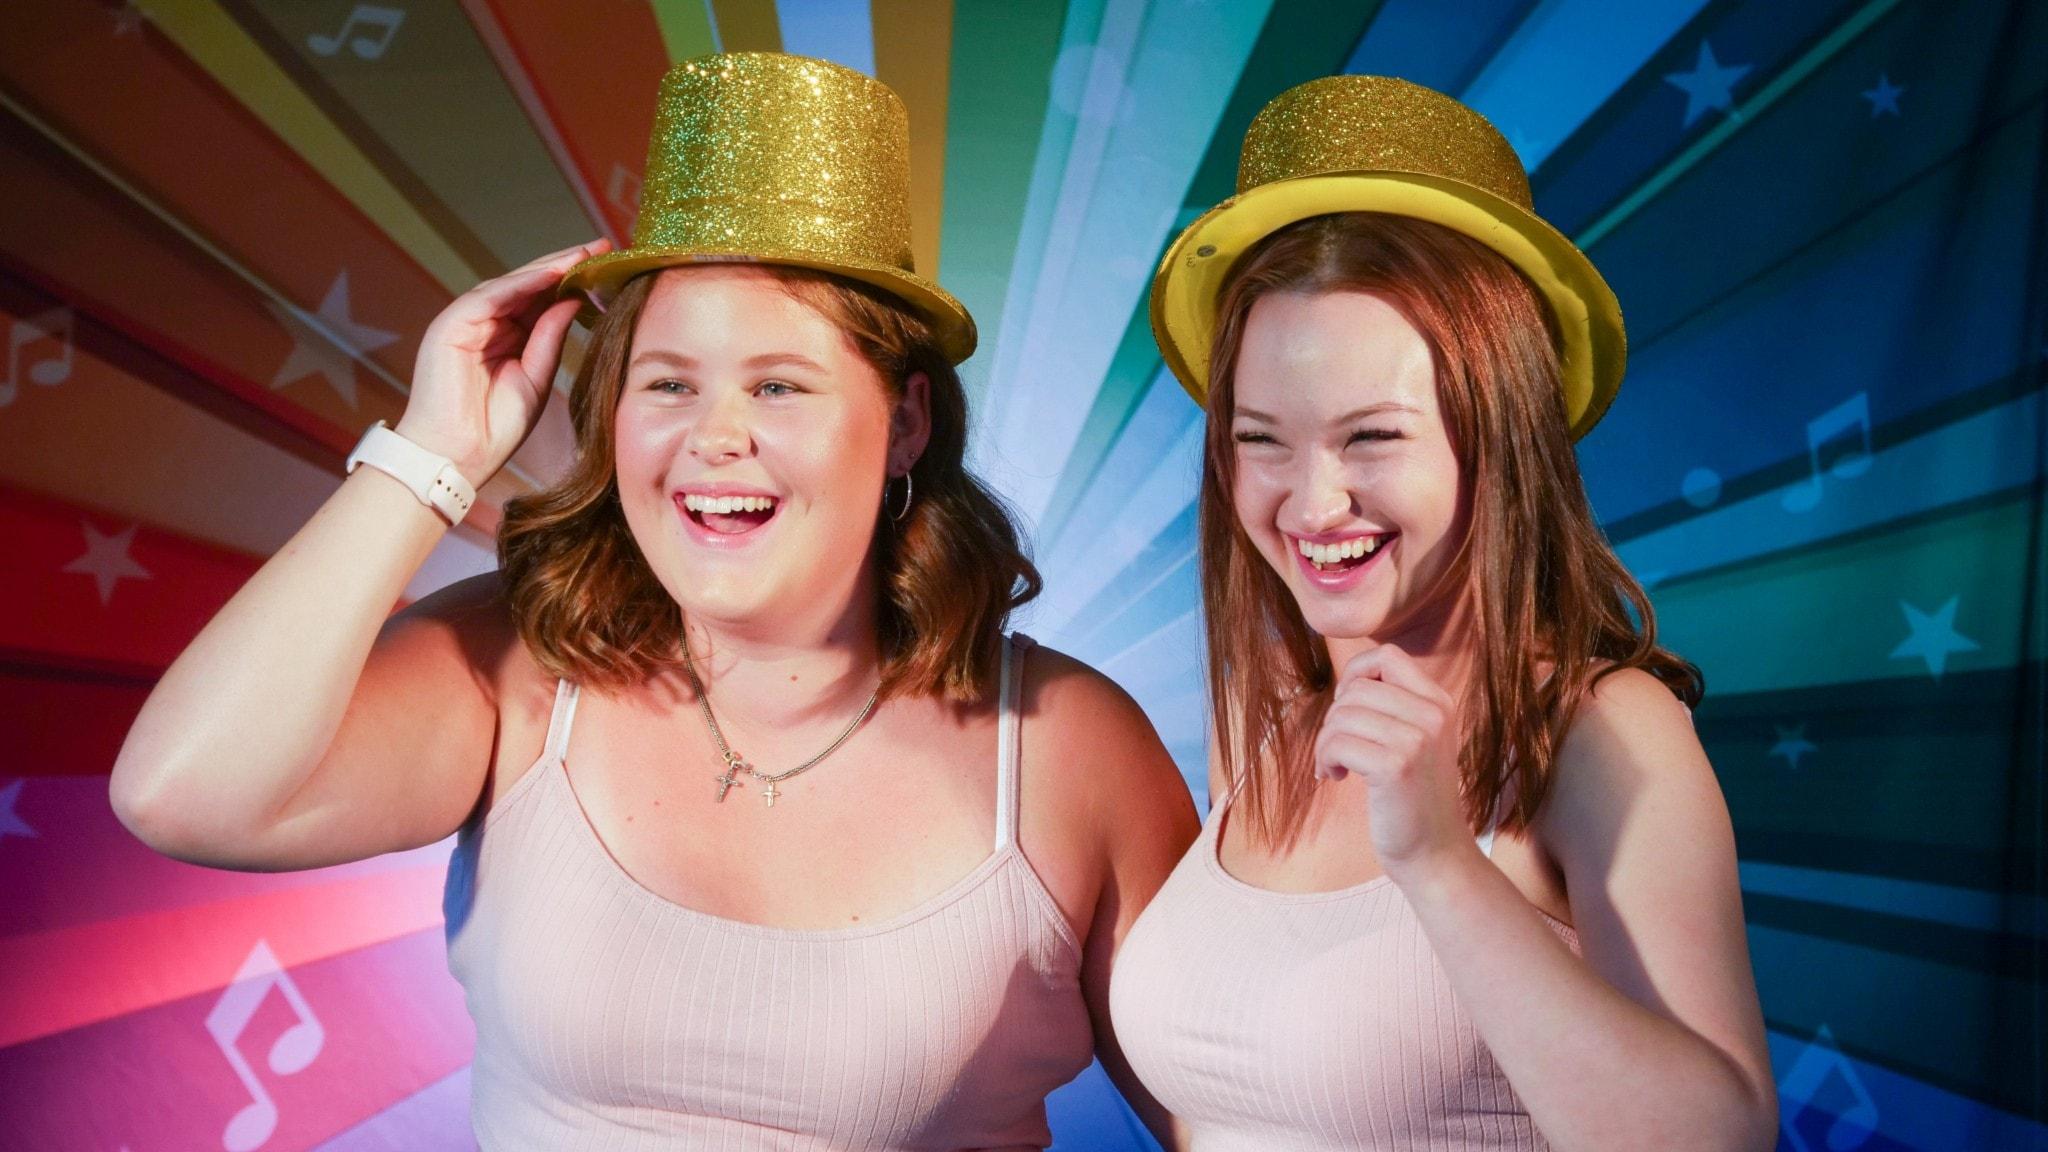 Anna Leander och Cilla Wickström har på sig guldfärgade hattar och ser glada ut.